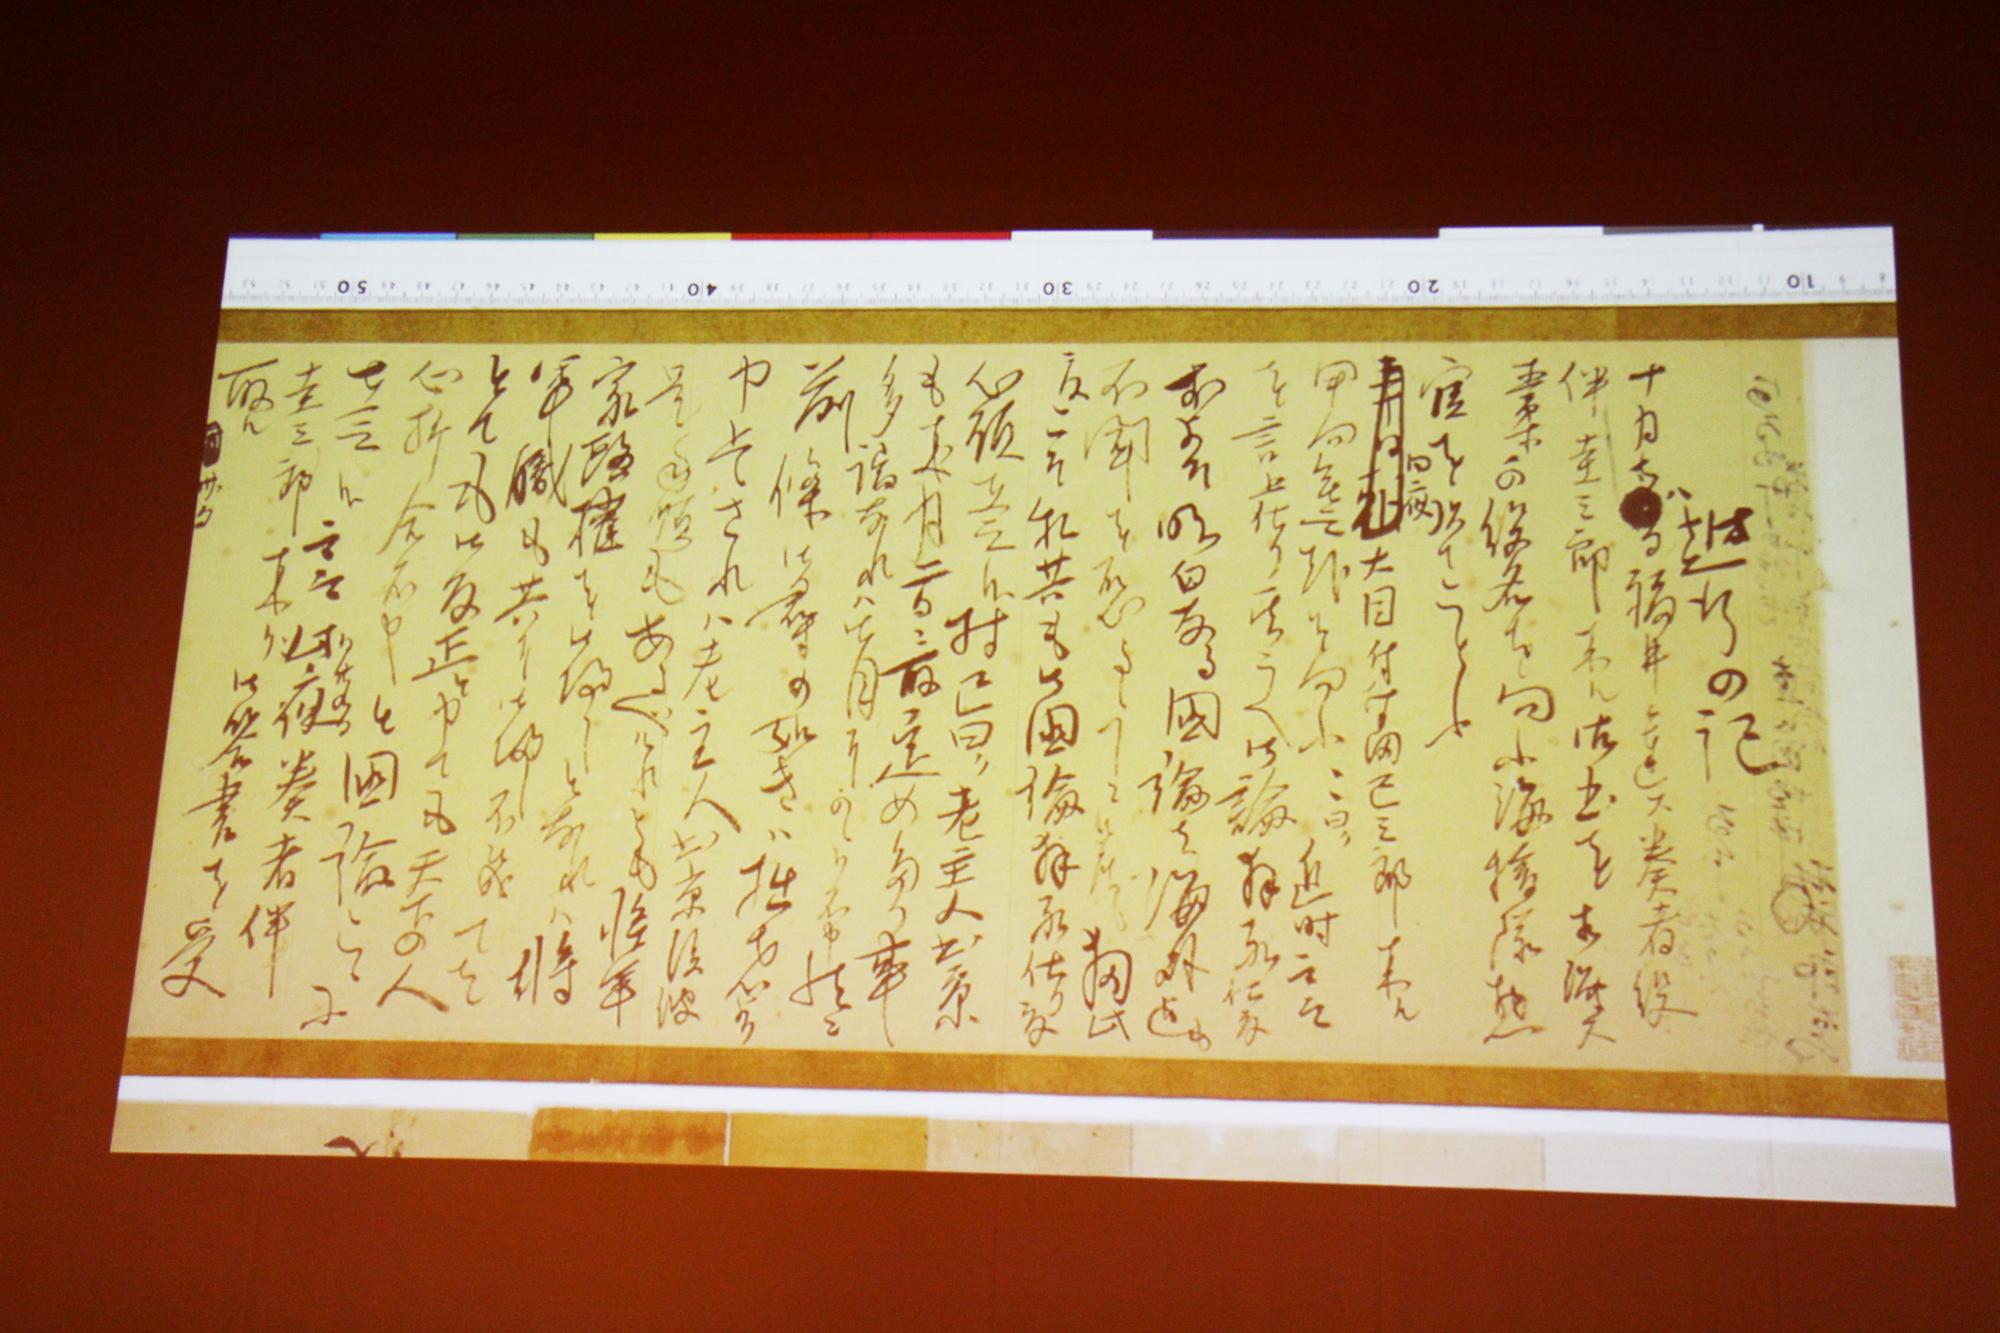 龍馬書簡 慶応三年十一月 後藤象二郎宛「越行の記」 江戸時代 慶応三年(1867)